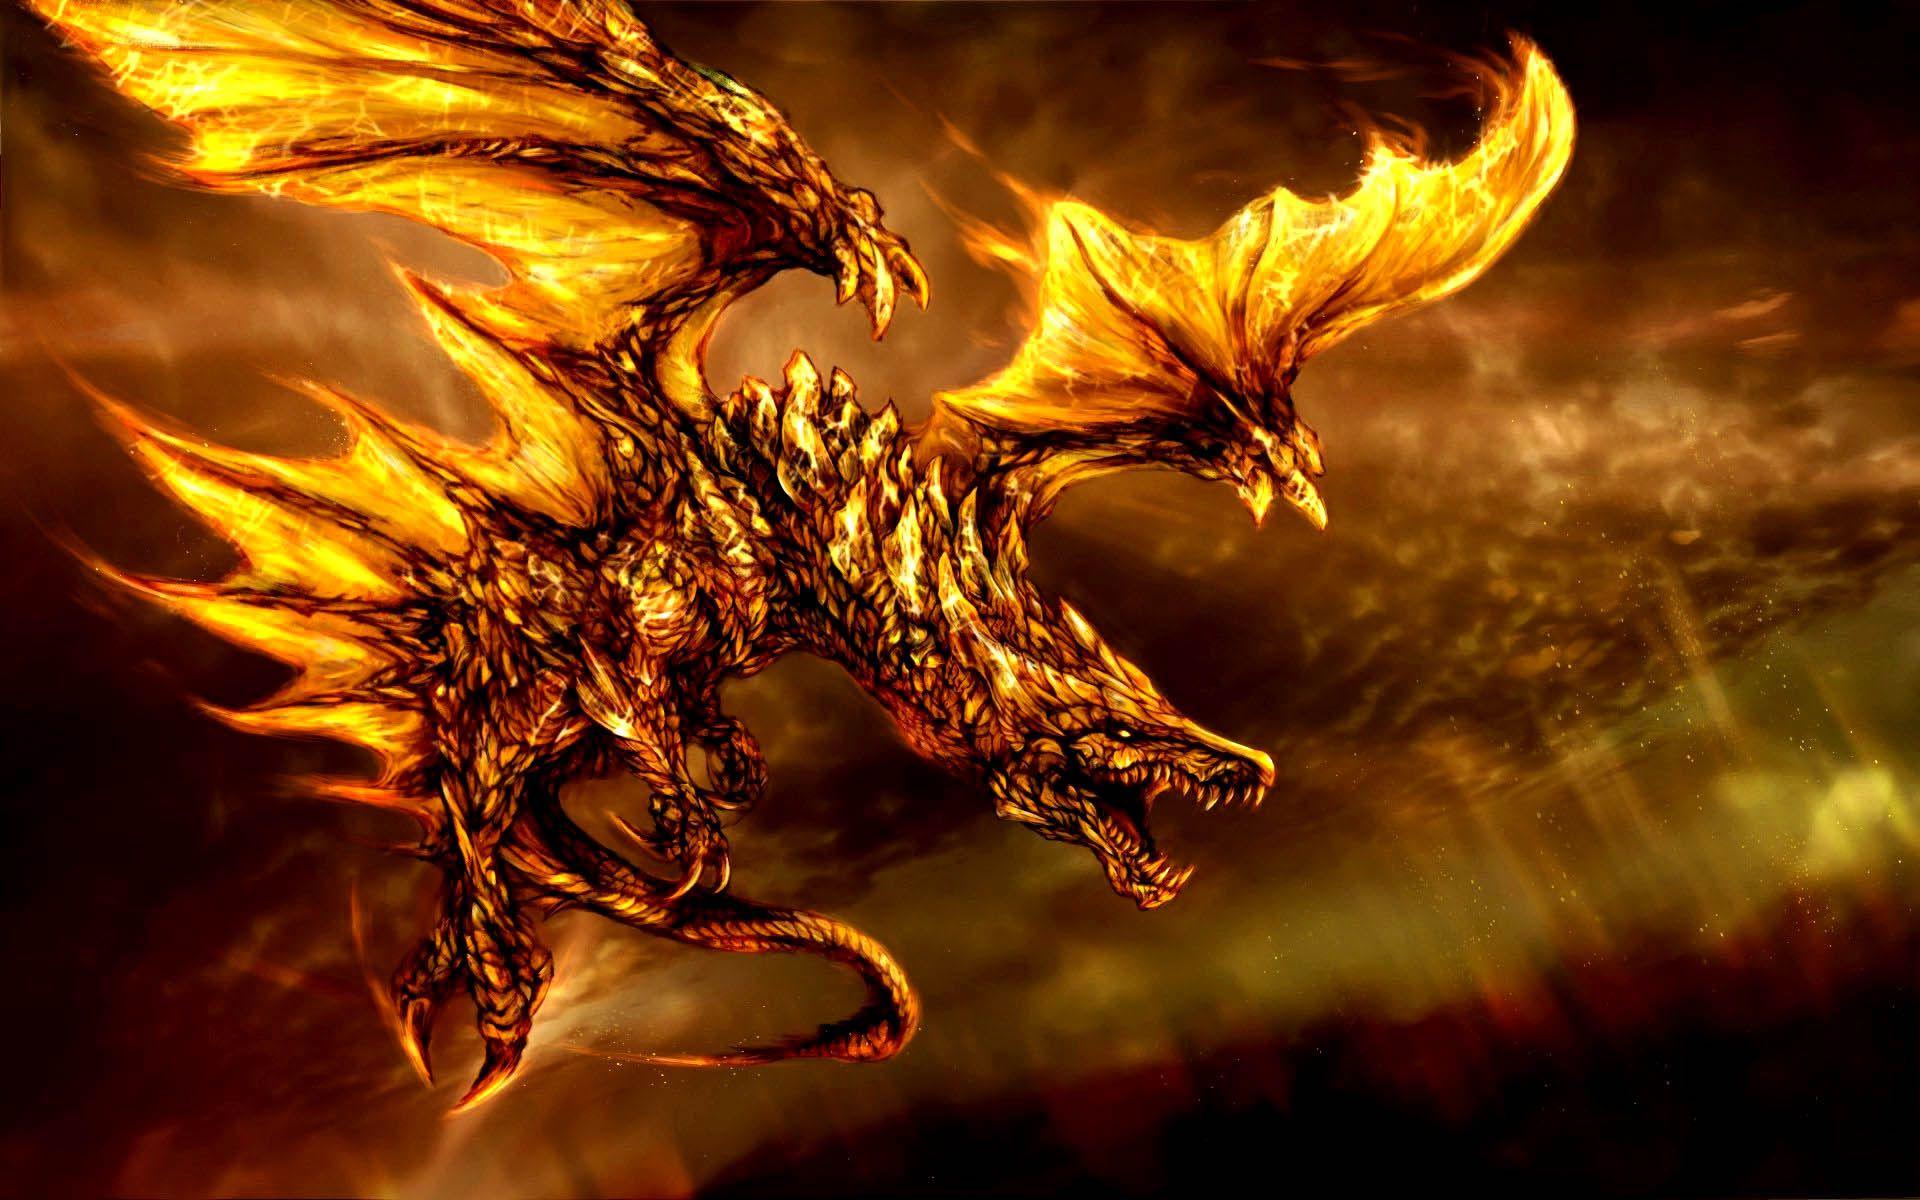 3D Fire Dragon Wallpaper